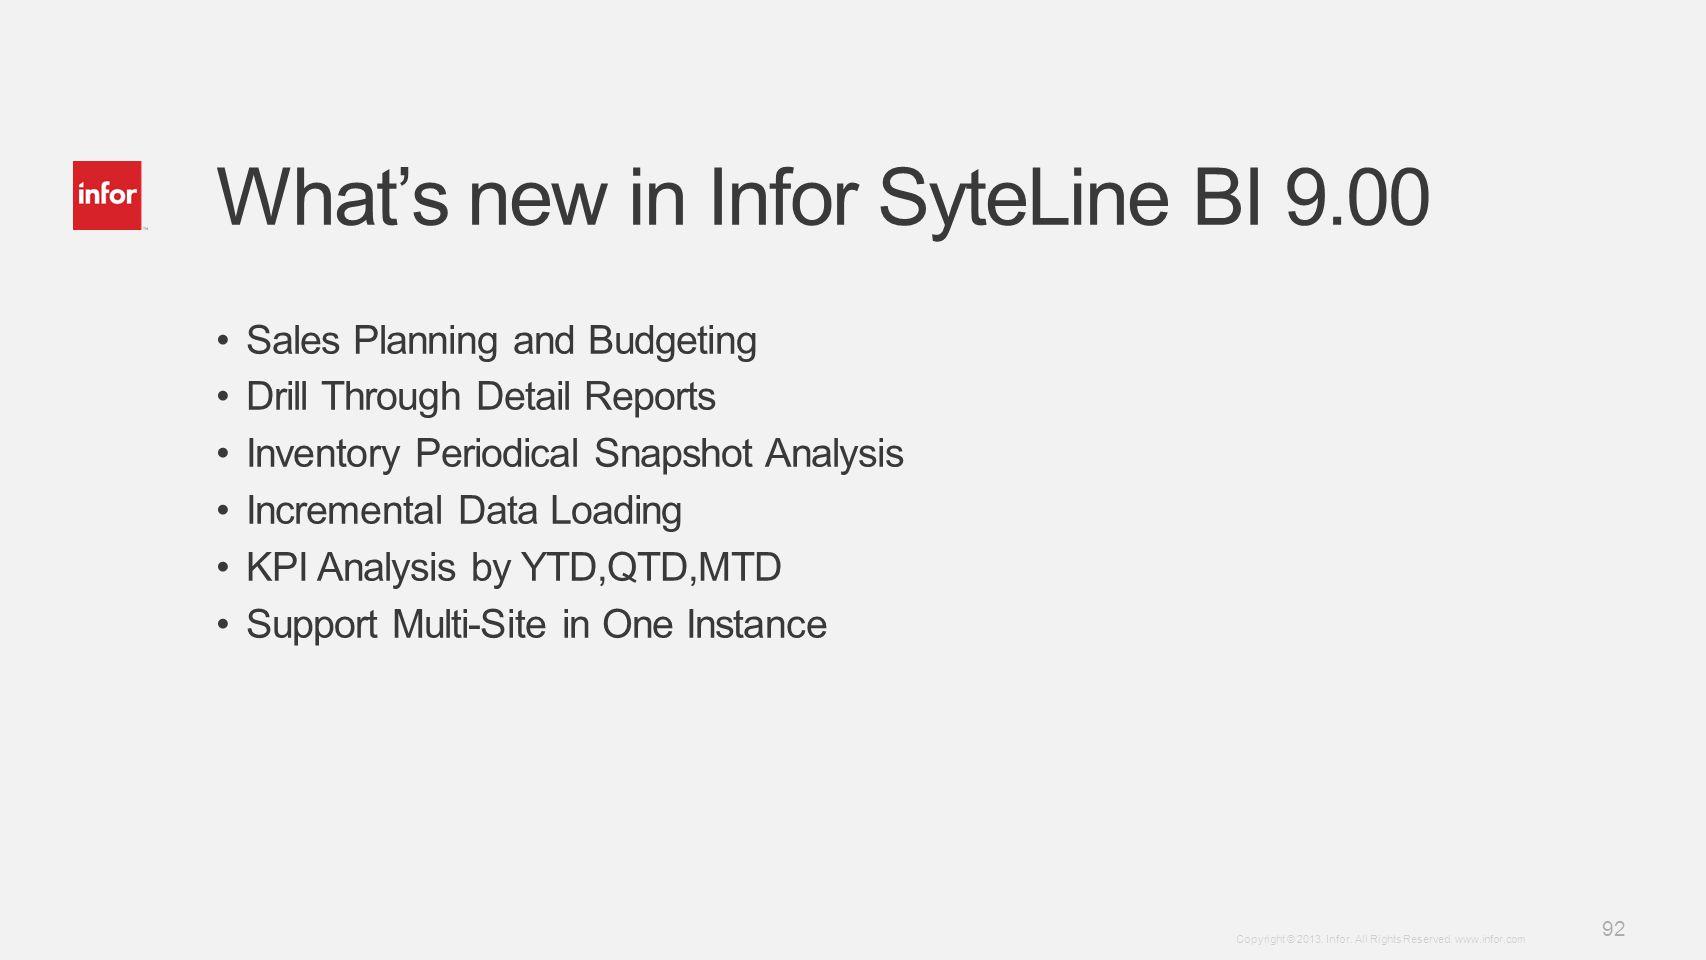 What's new in Infor SyteLine BI 9.00